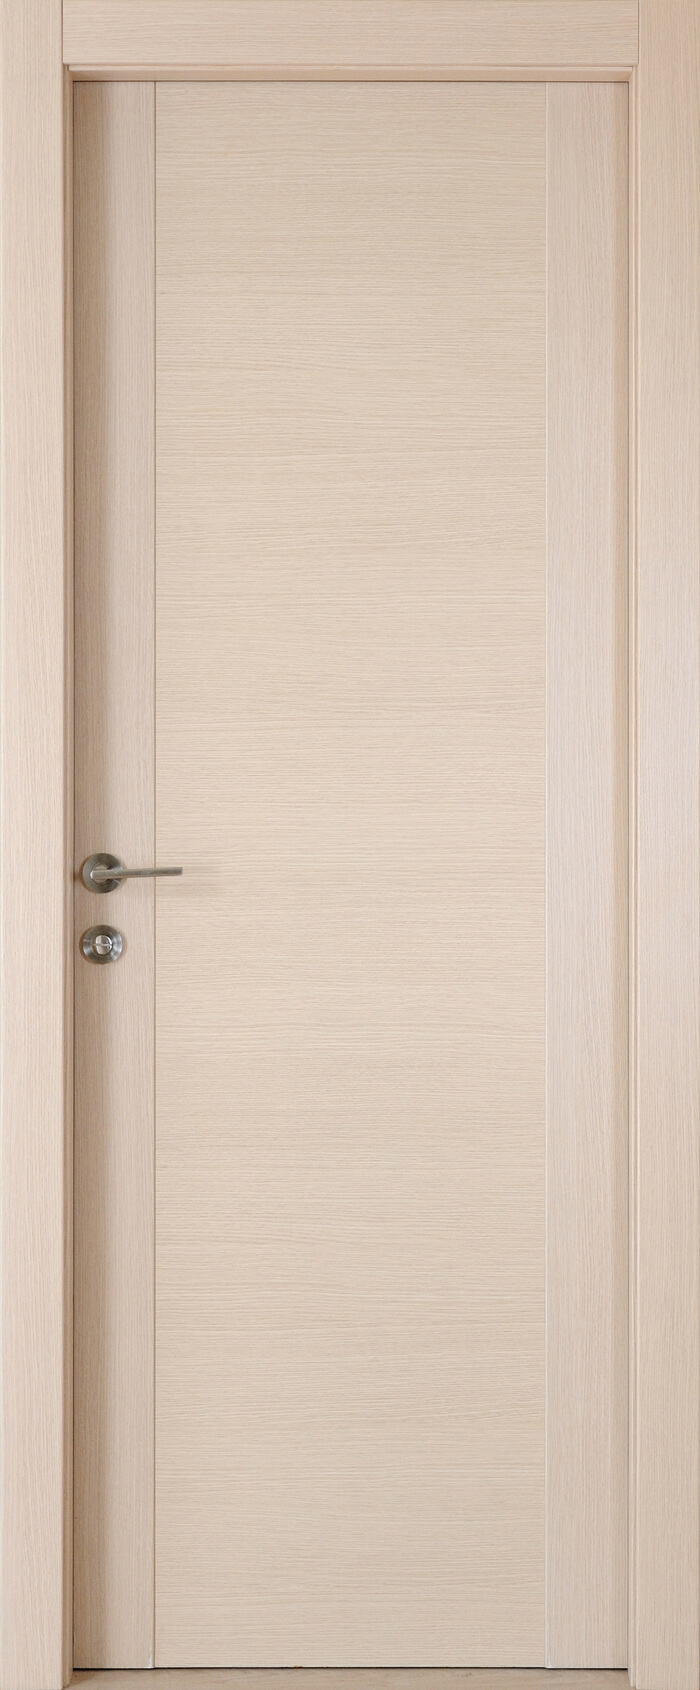 דלתות פנים פשוטות לעומת מעוצבות 1